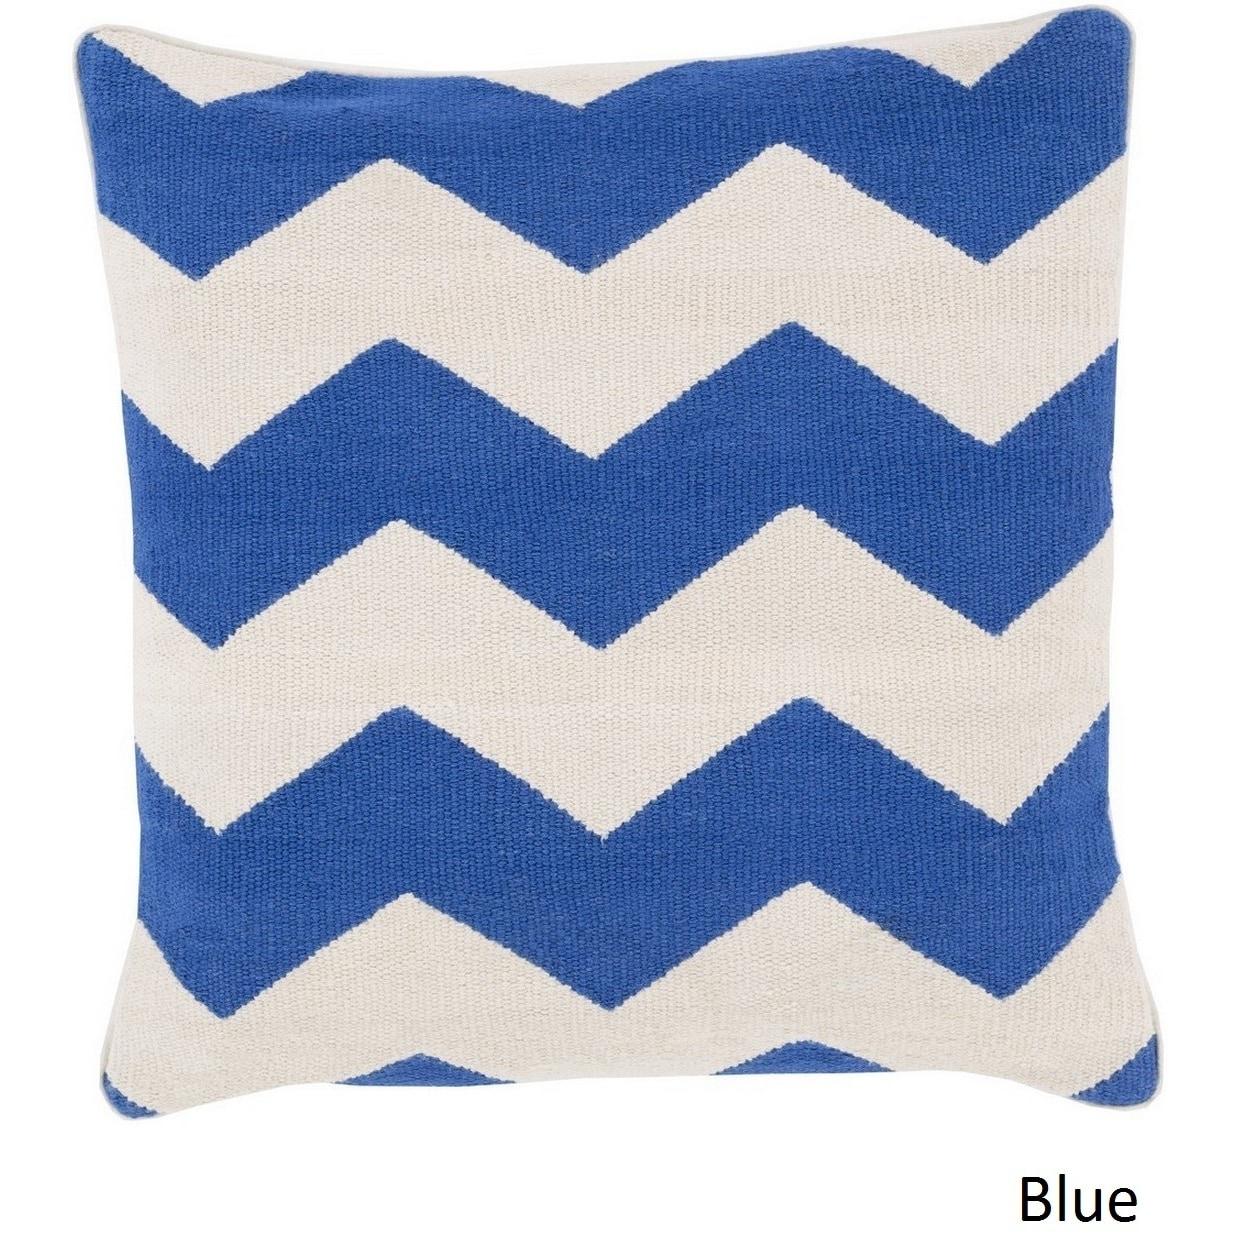 Decorative Rochdale 20-inch Chevron Pillow Cover | eBay